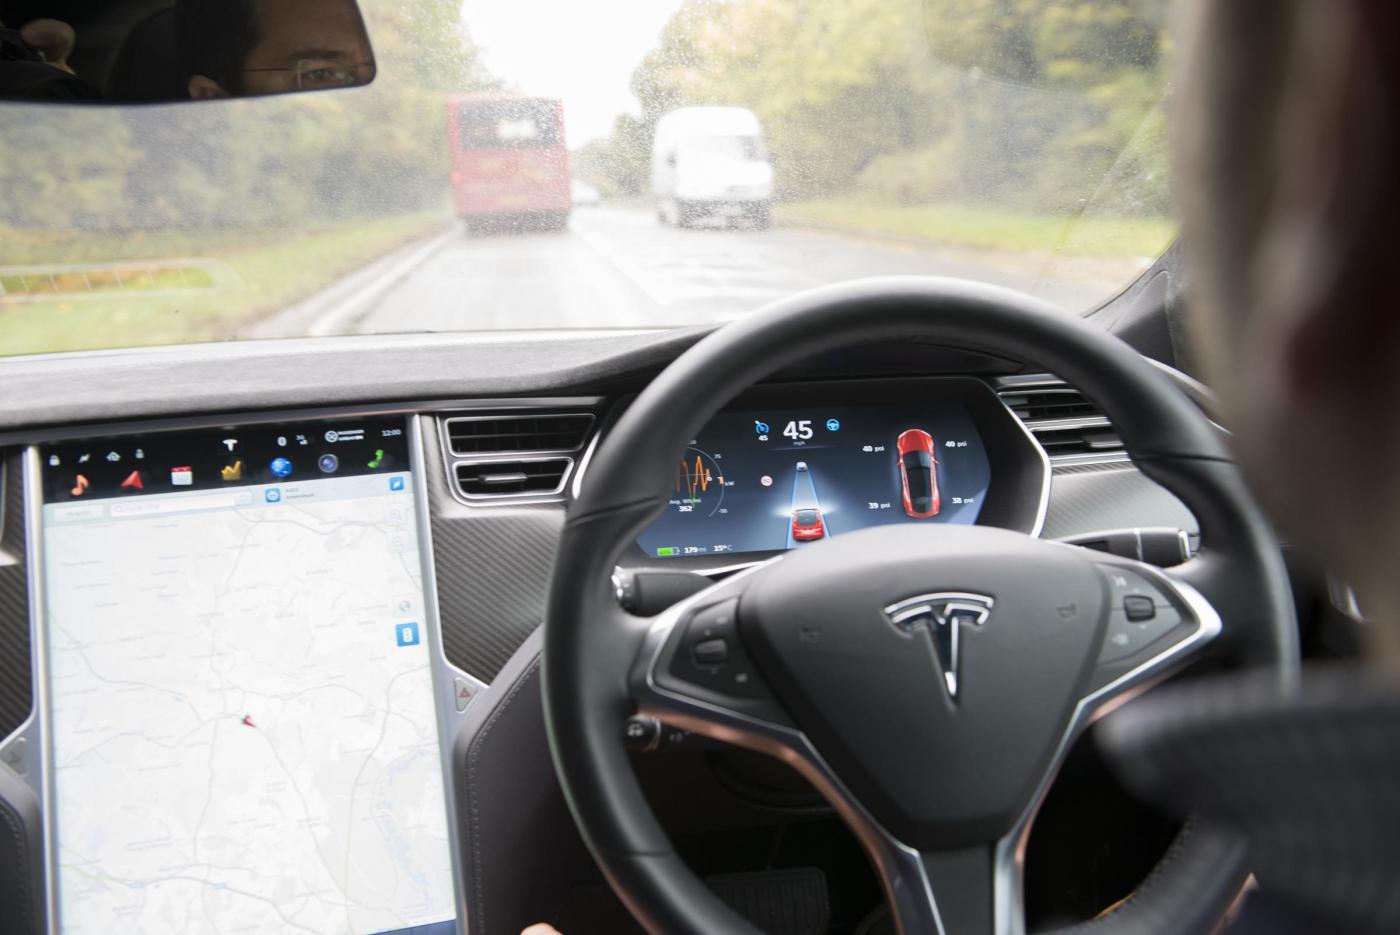 Test di guida sull'auto elettrica Tesla Model S.Si guida da sola senza il pilota.